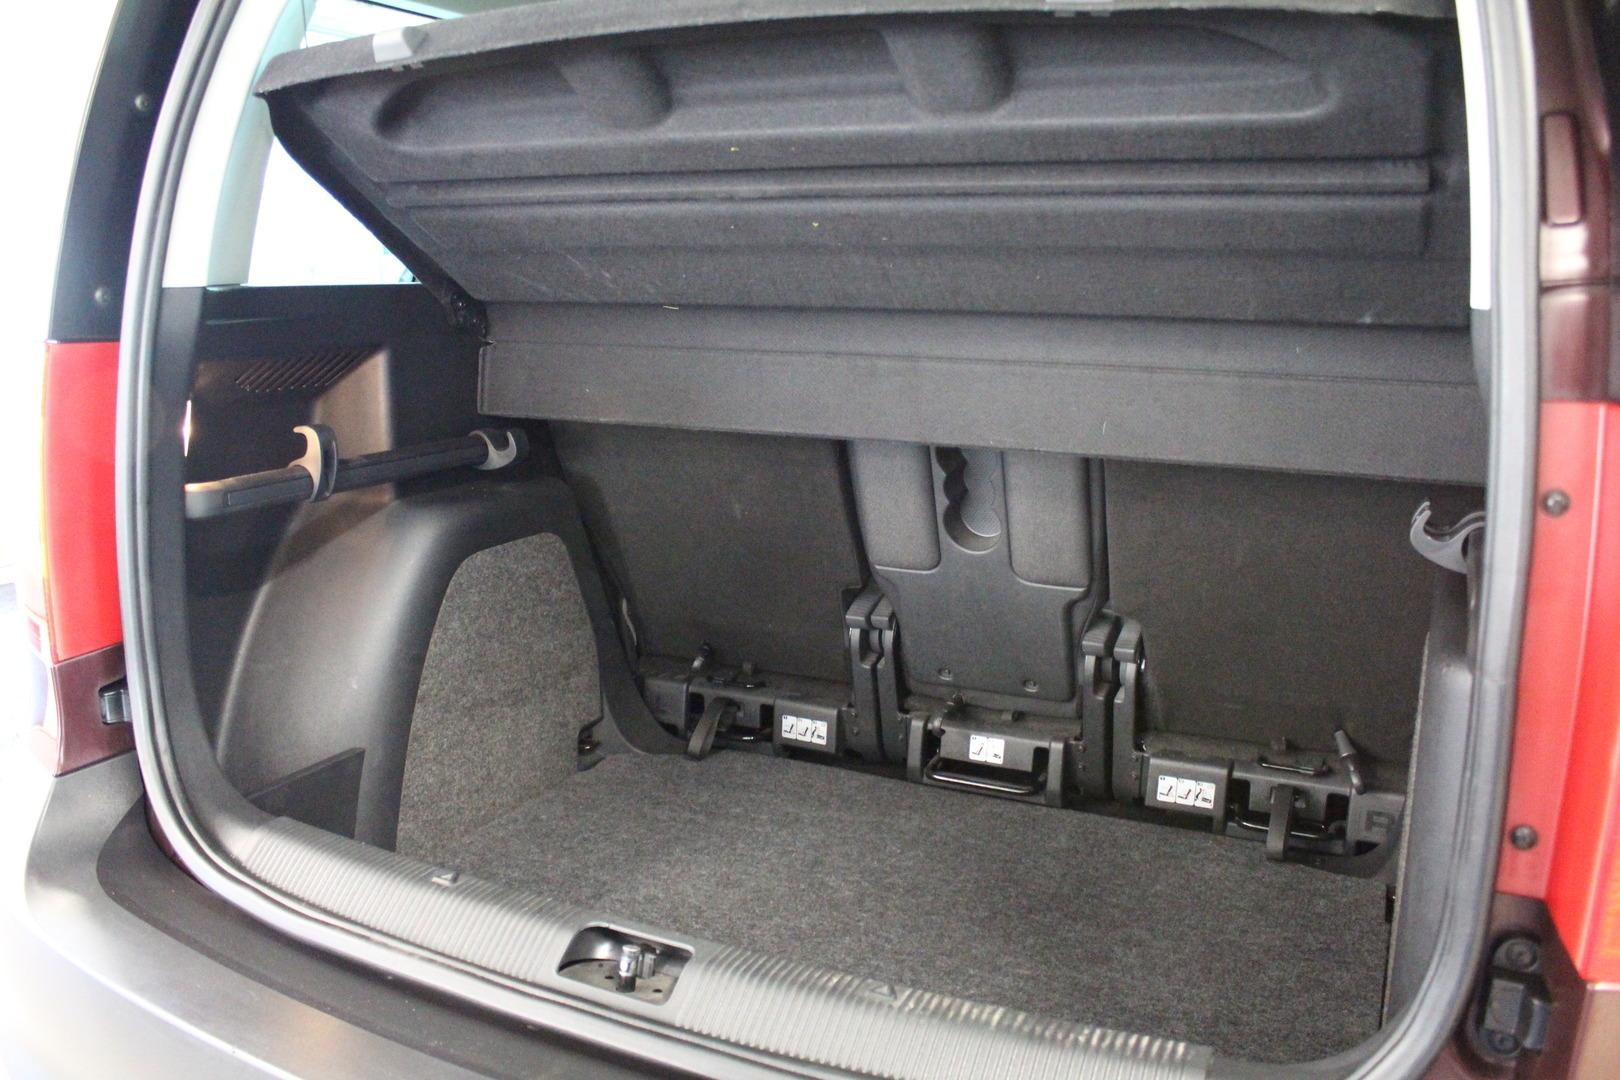 Skoda Yeti, 1,2 TSI Adventure DSG Autom. #Siistikuntoinen #Hyvin pidetty #Swing audio